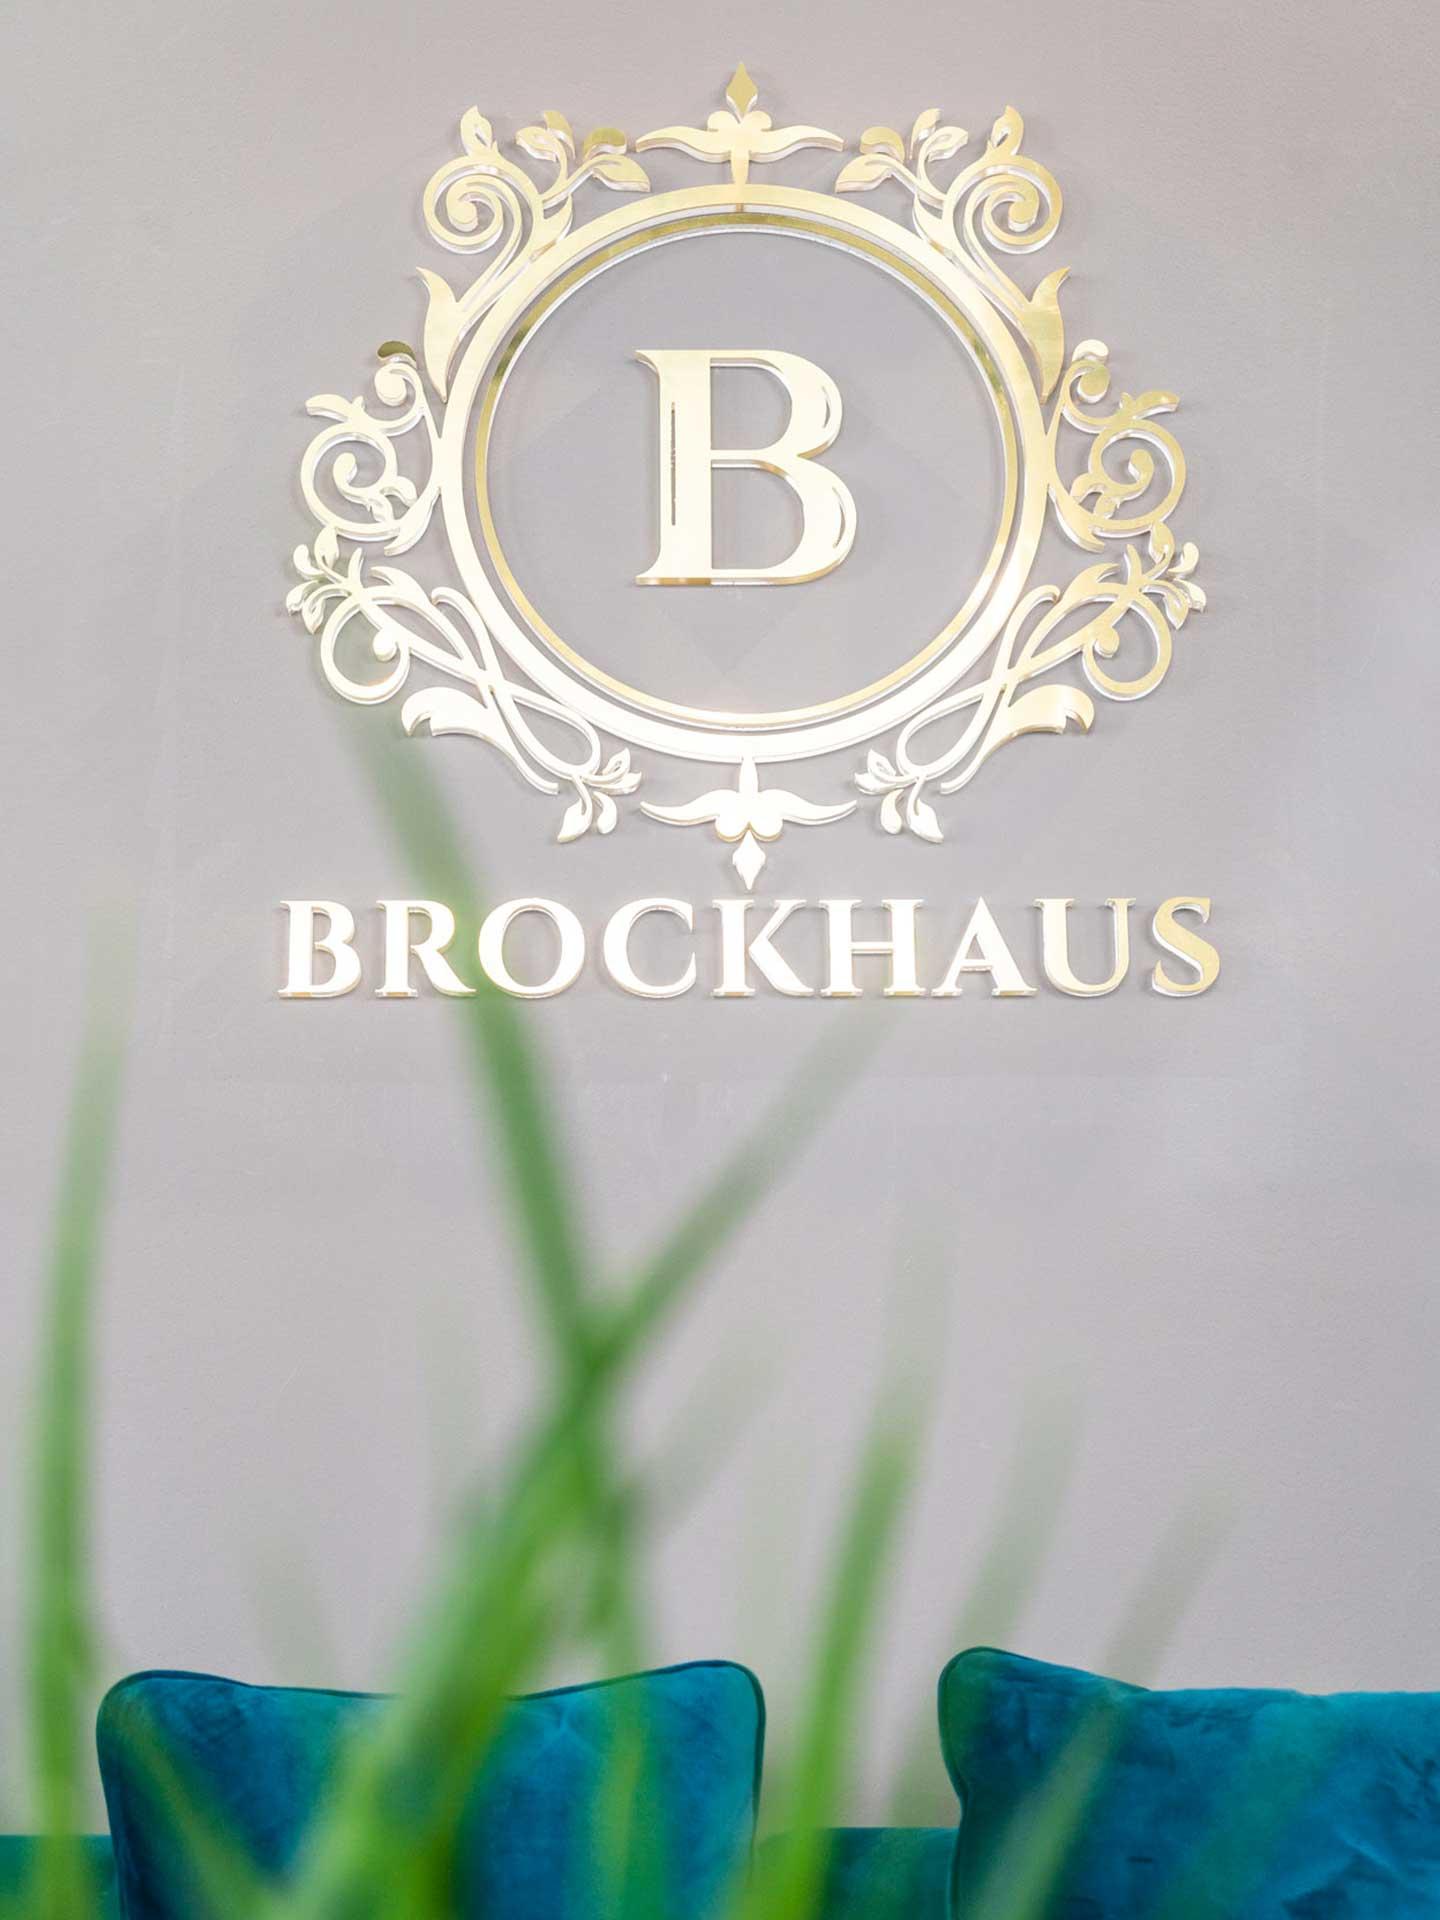 Brockhaus GmbH Immobilienmakler in Weinheim Bild Büro Logo sofa